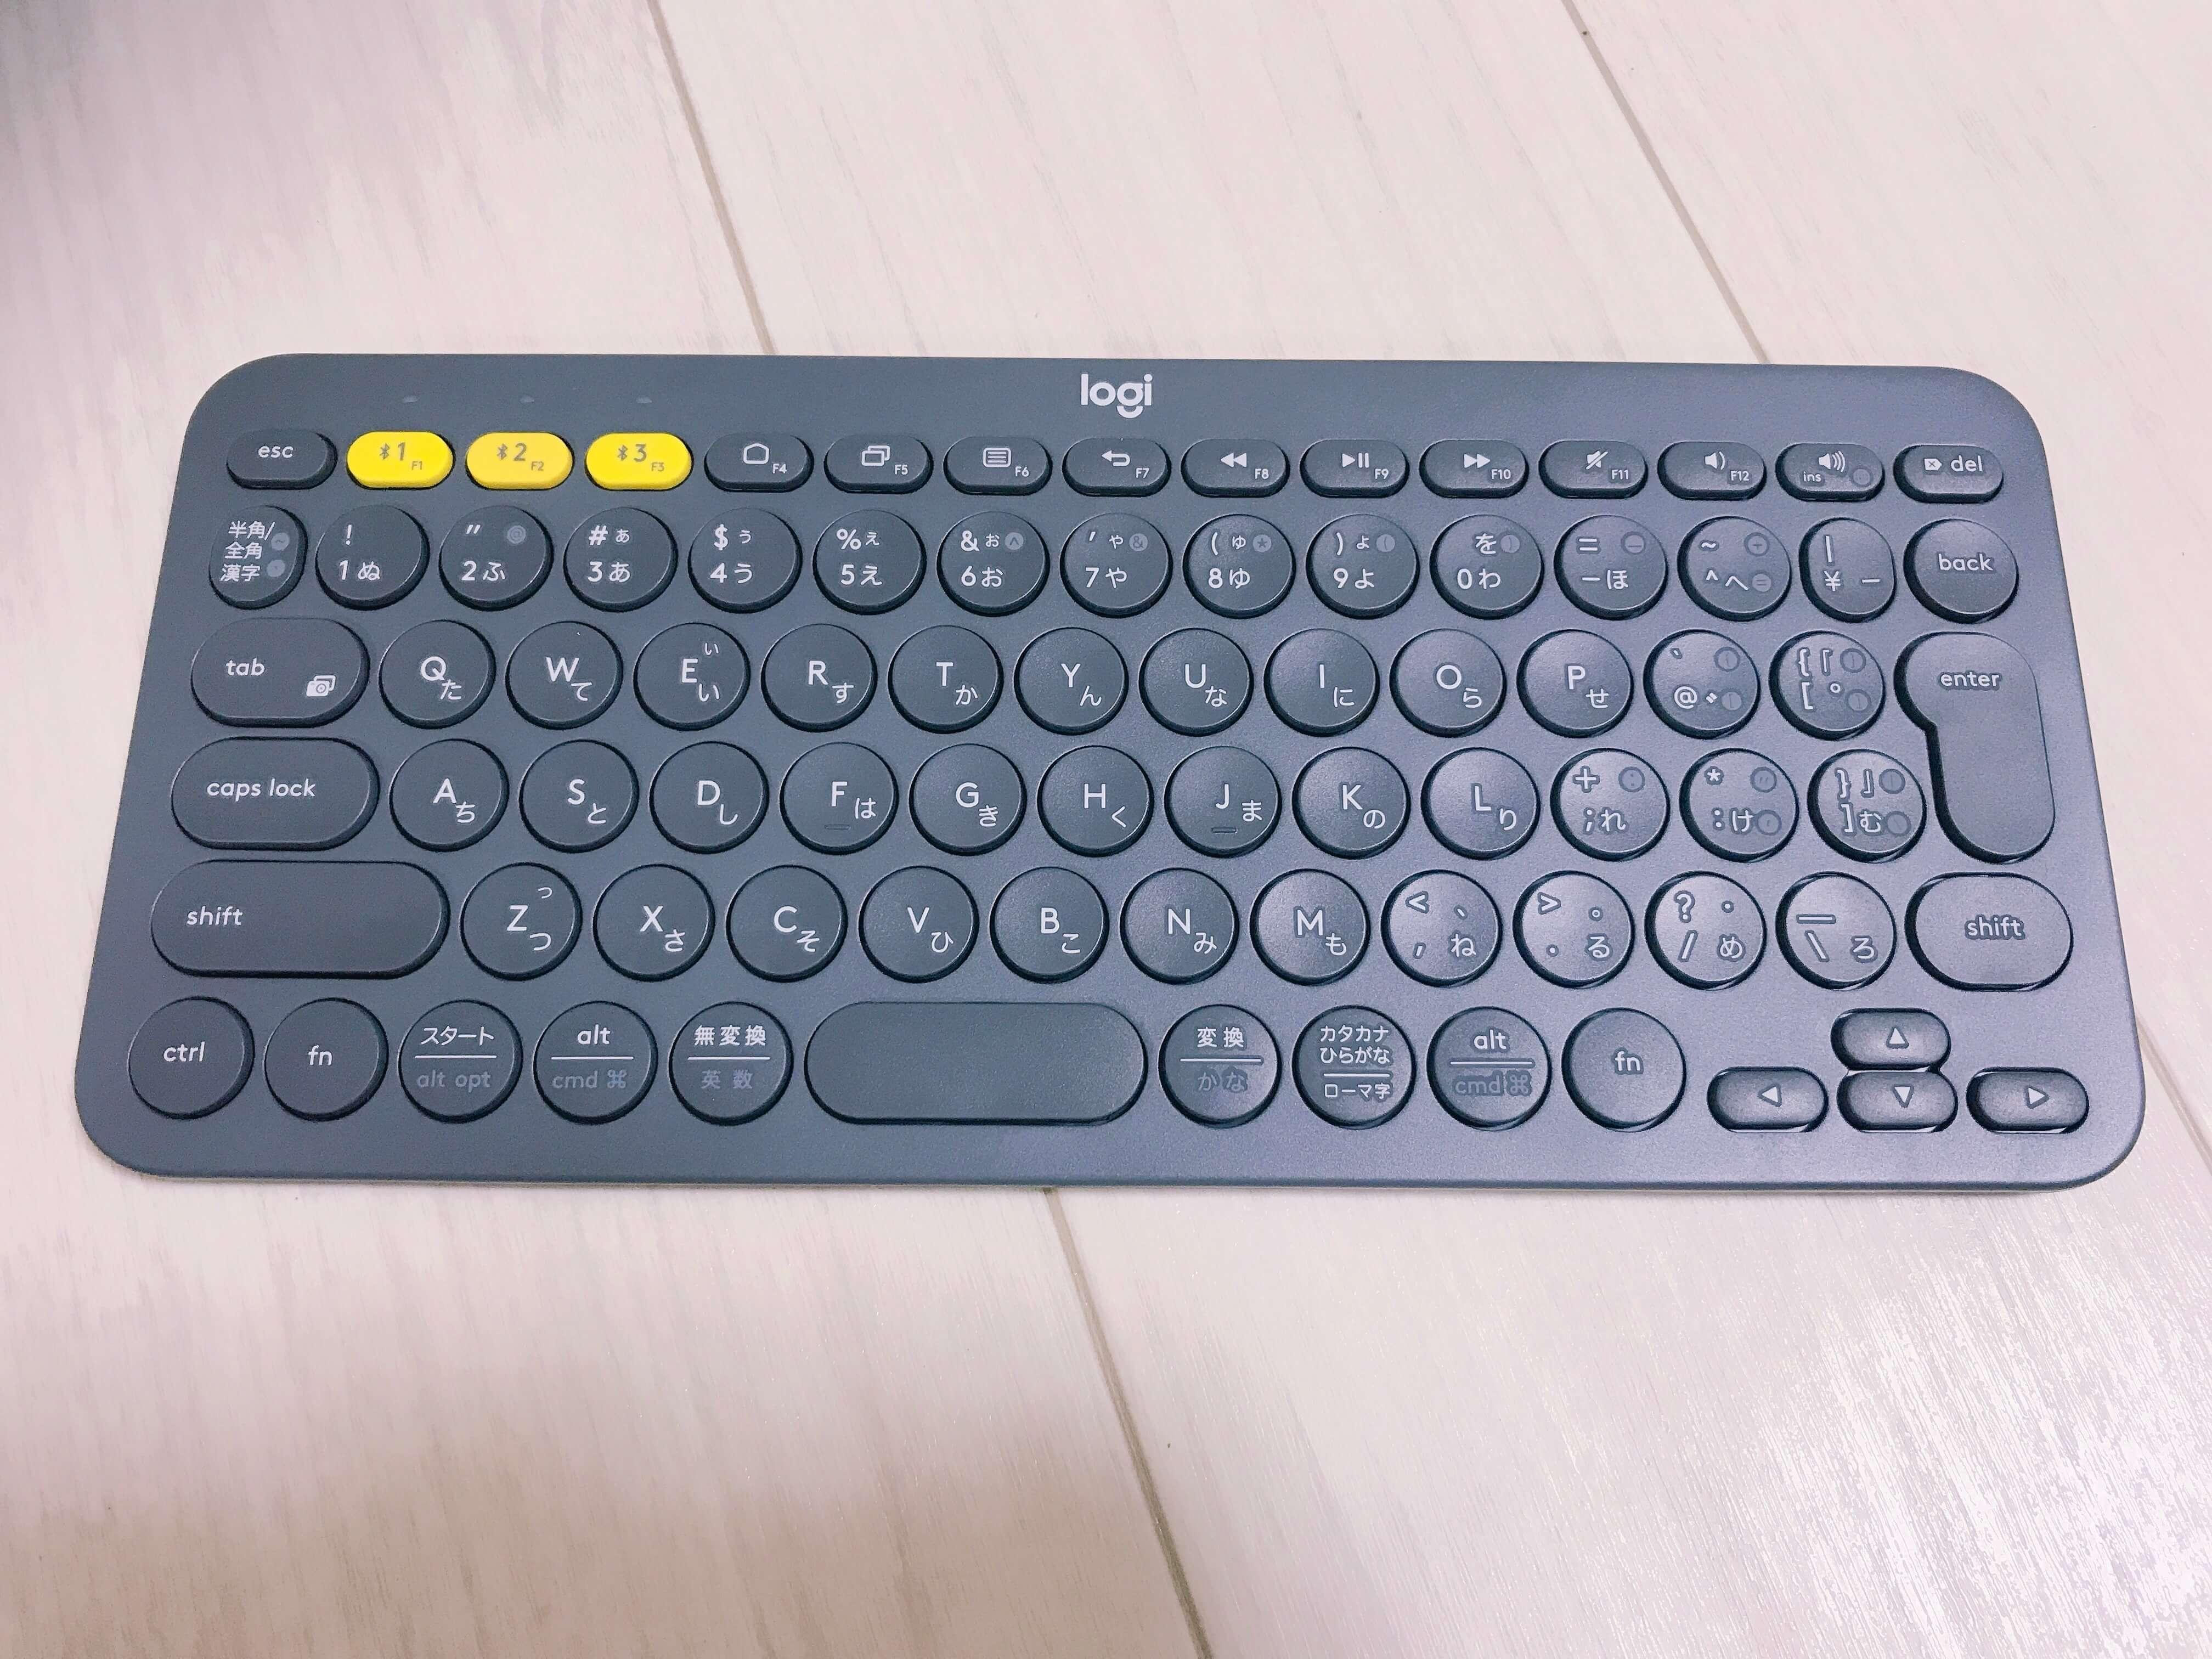 ロジクールK380のキーボードの写真